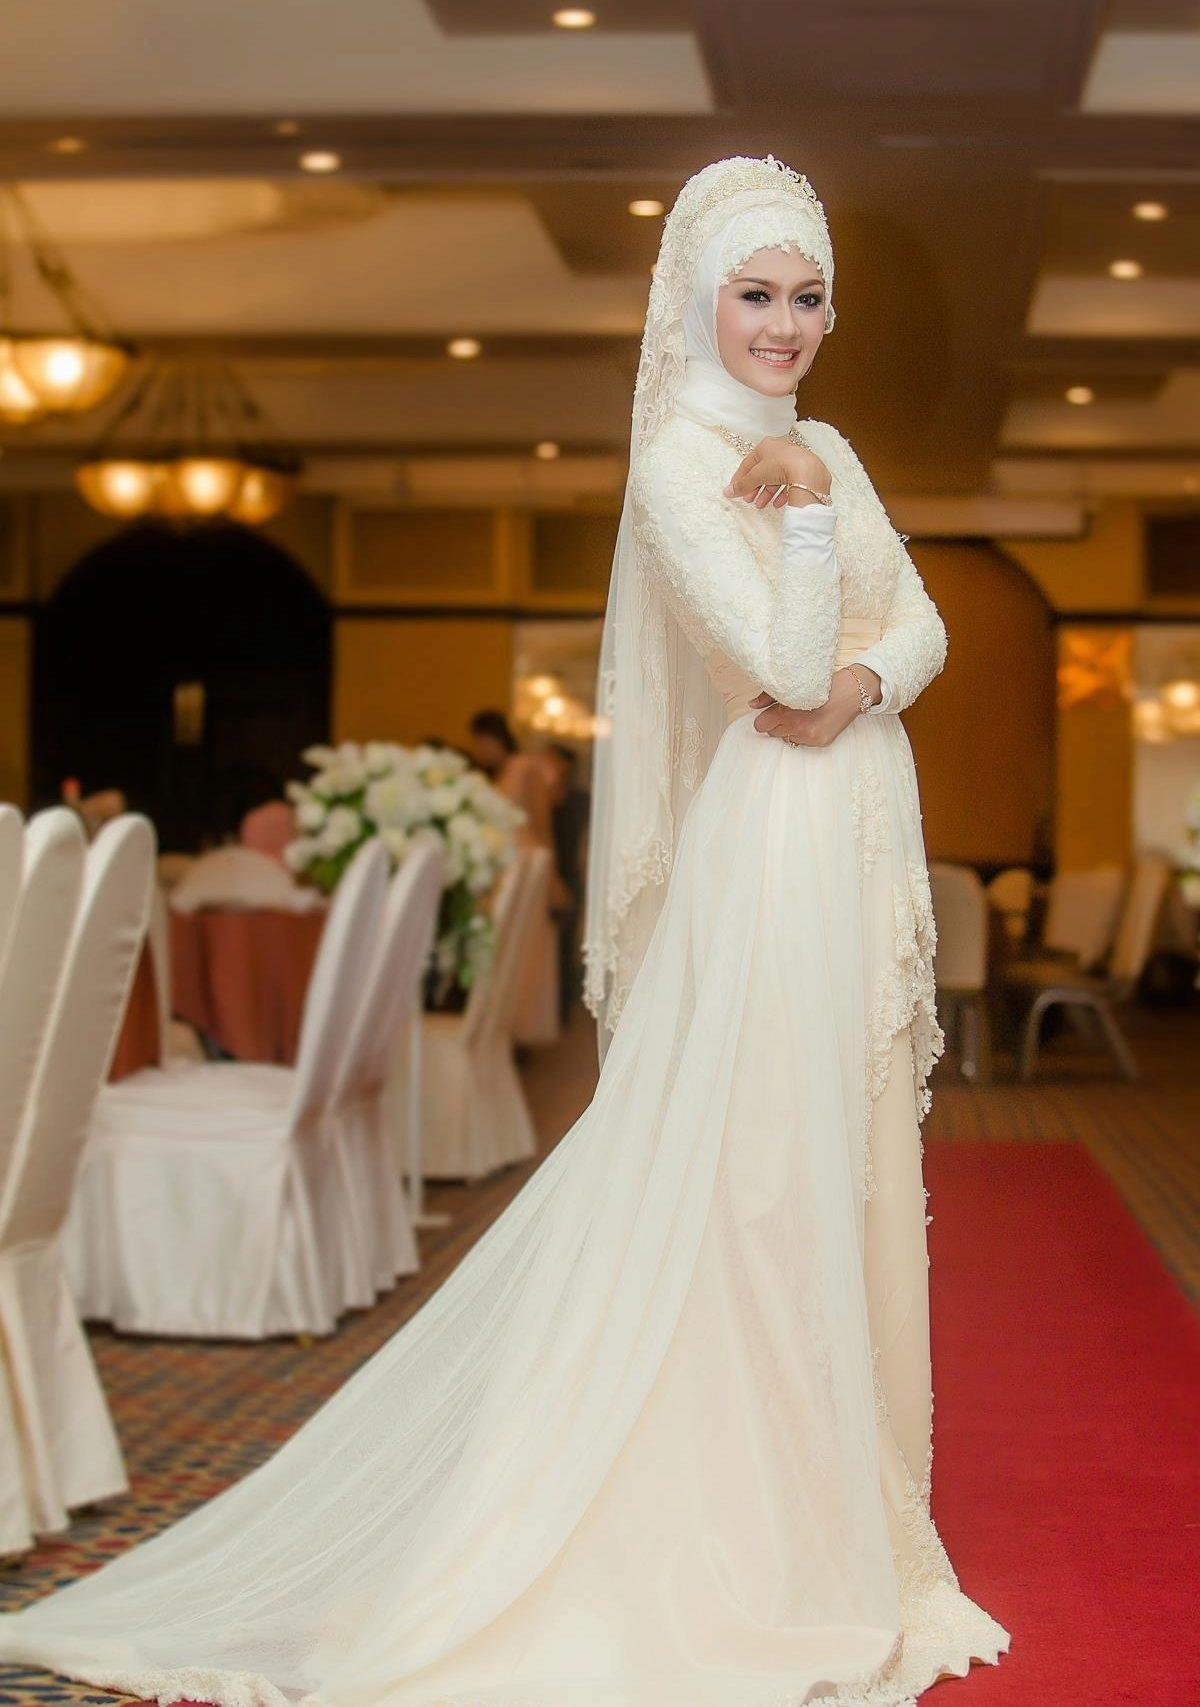 d2f47c5c1ceb964 Мусульманские свадебные платья: выбор платья для невесты мусульманки ...